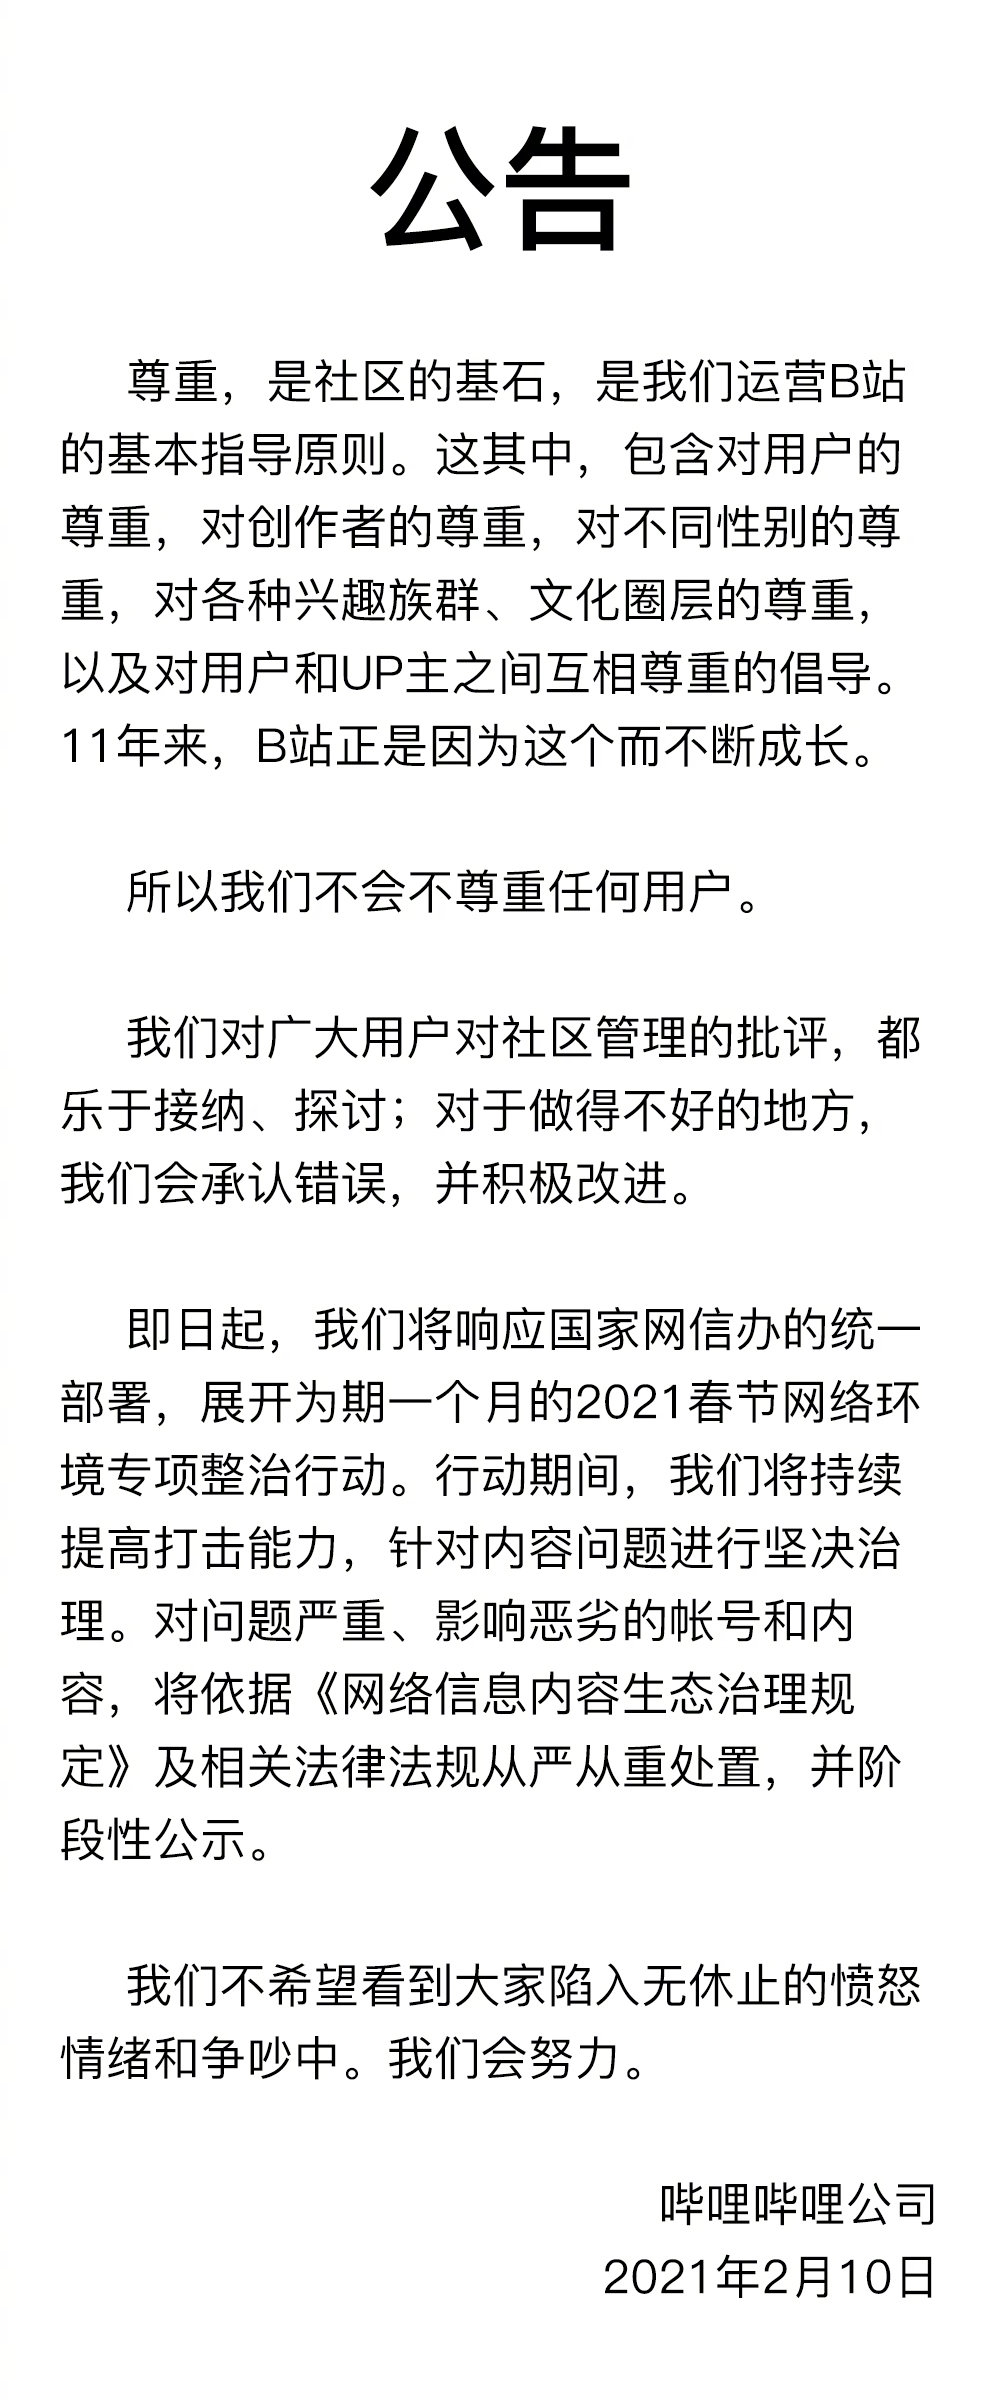 https://n.sinaimg.cn/zhibo/200/w1000h2400/20210210/5d7b-kiweitw1552019.png